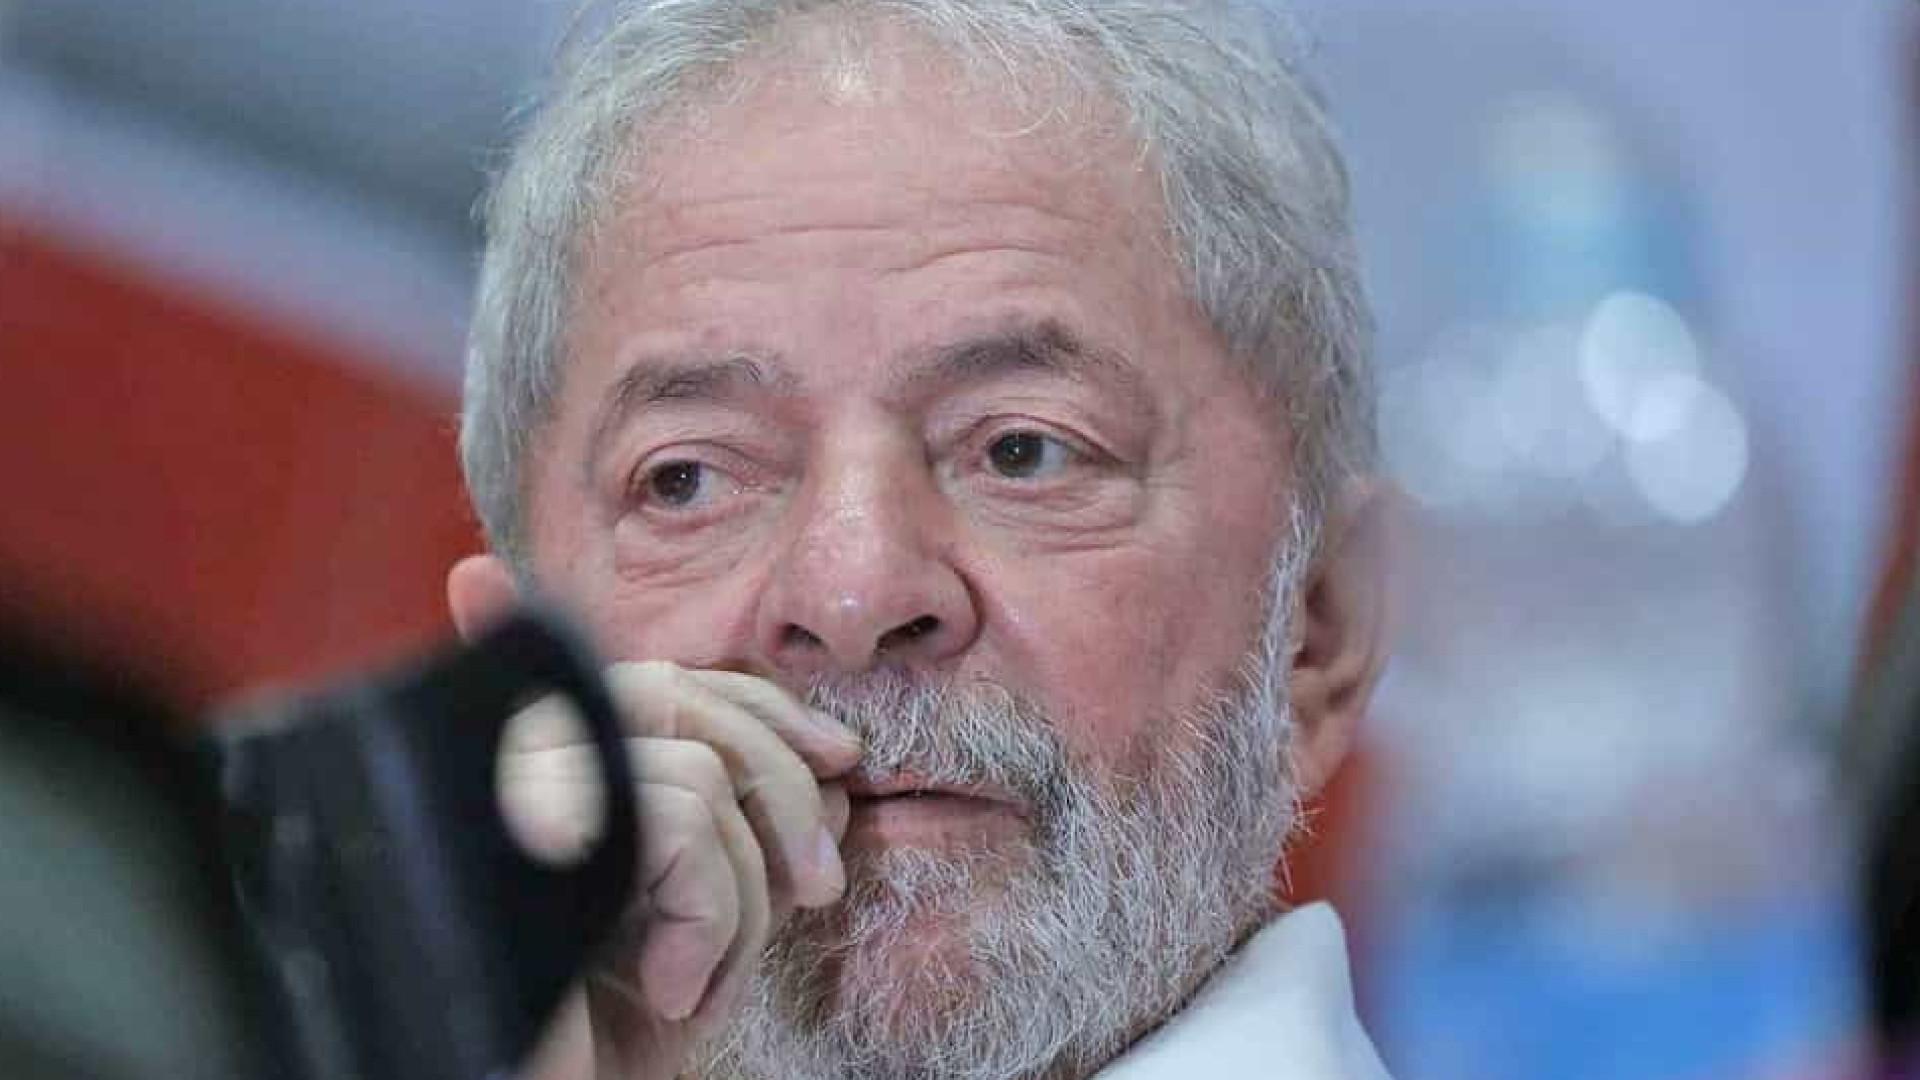 Quem tem de se preocupar com Moro é Bolsonaro, diz Lula